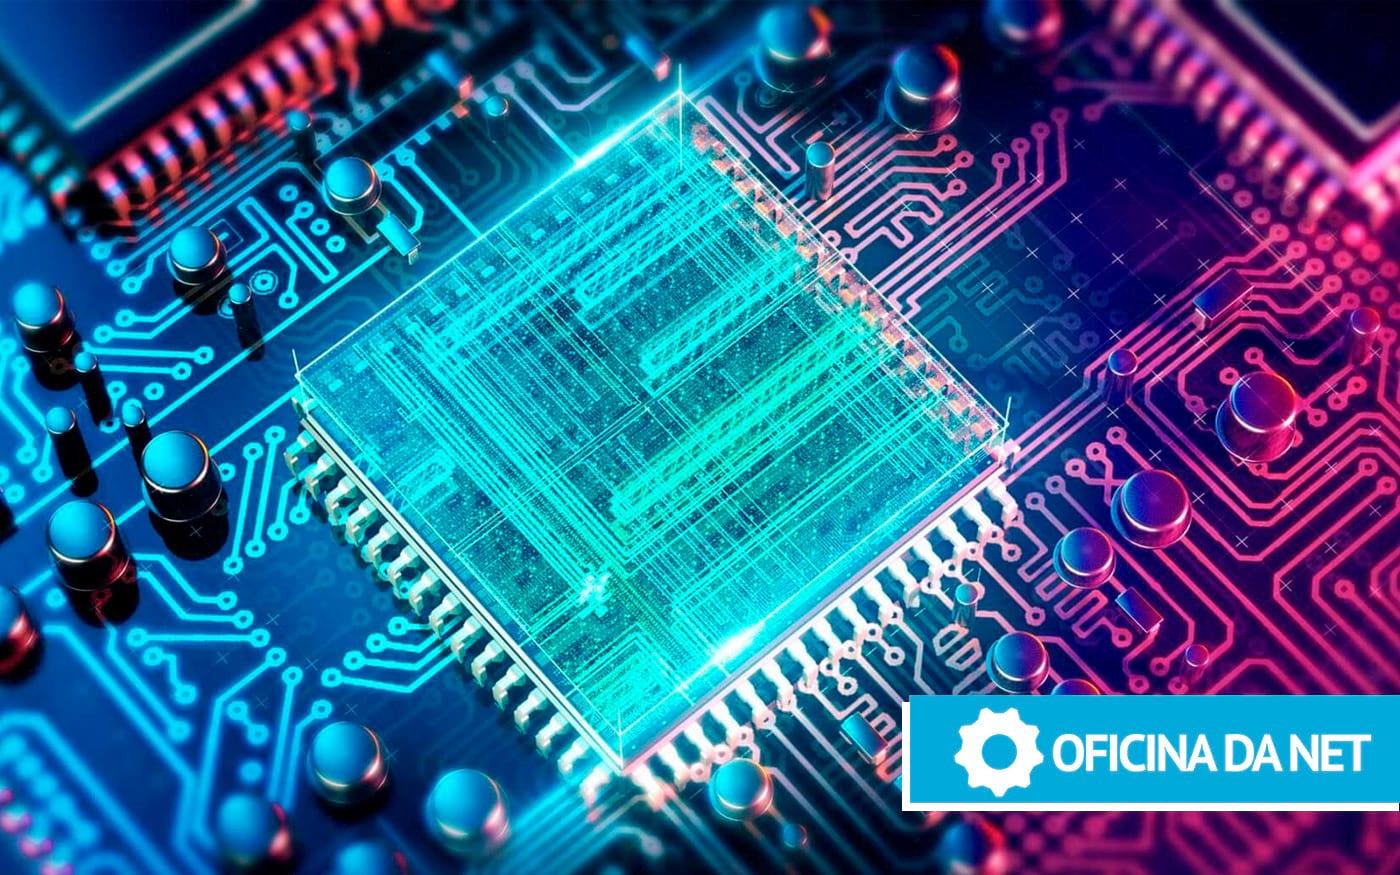 As principais notícias de tecnologia da semana (28/07 - 03/08)